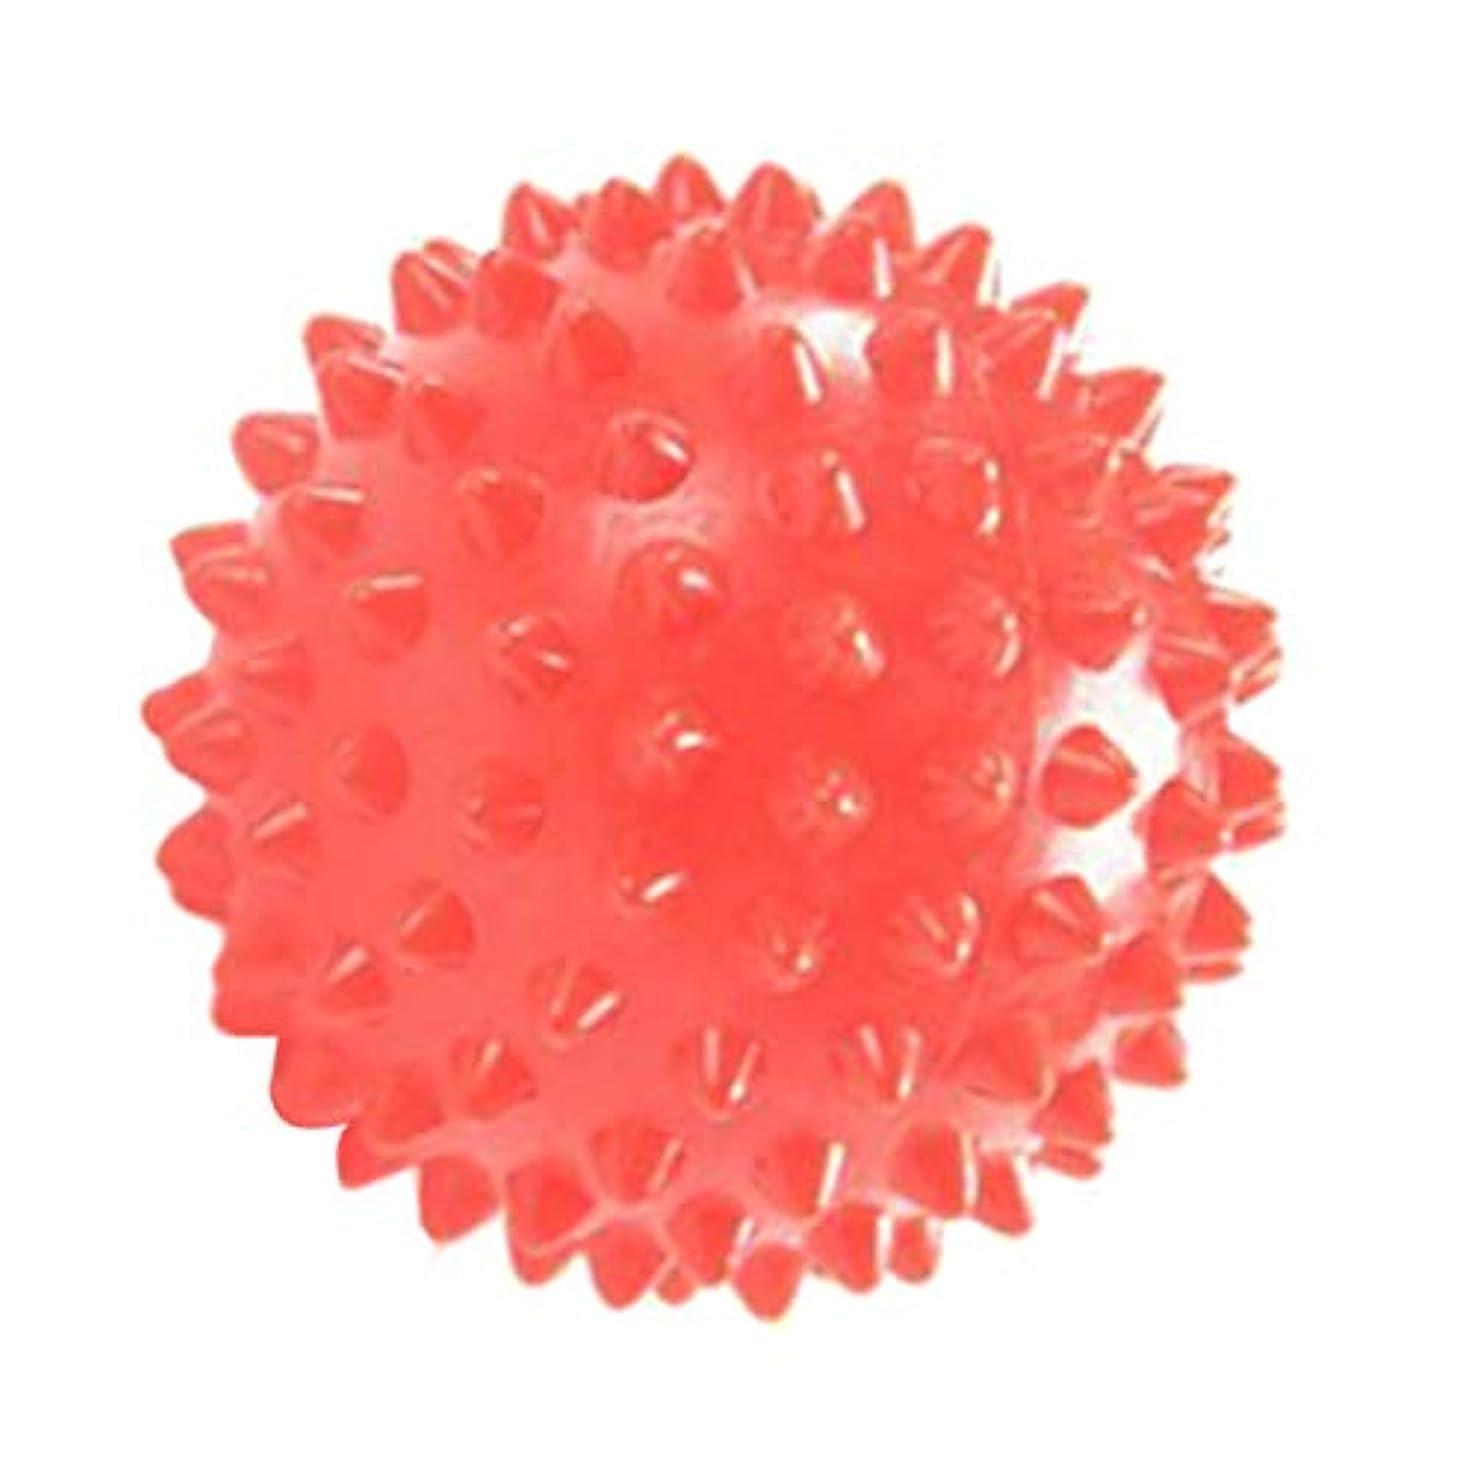 キャップハドル裏切りchiwanji 指圧ボール 触覚ボール マッサージローラー ローラーボール 軽量 持ち運び便利 補助ツール